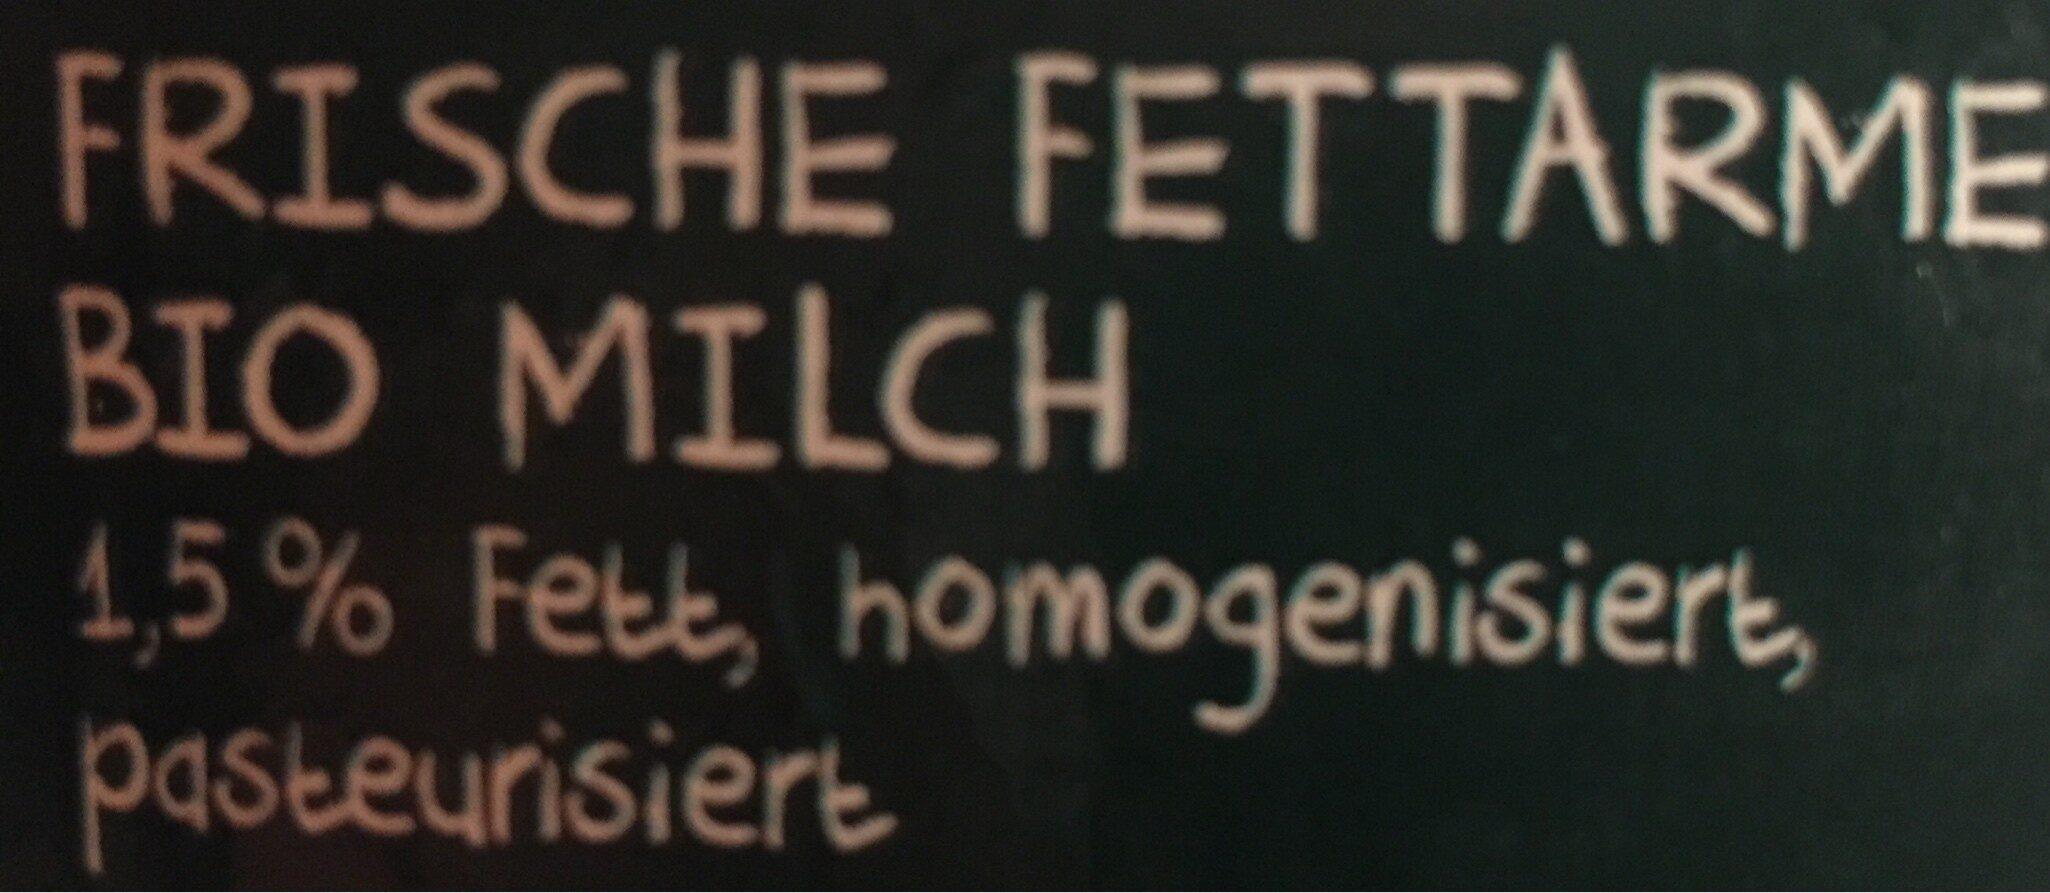 Frische Weidemilch🌳 1.5% Fett - Ingrediënten - de